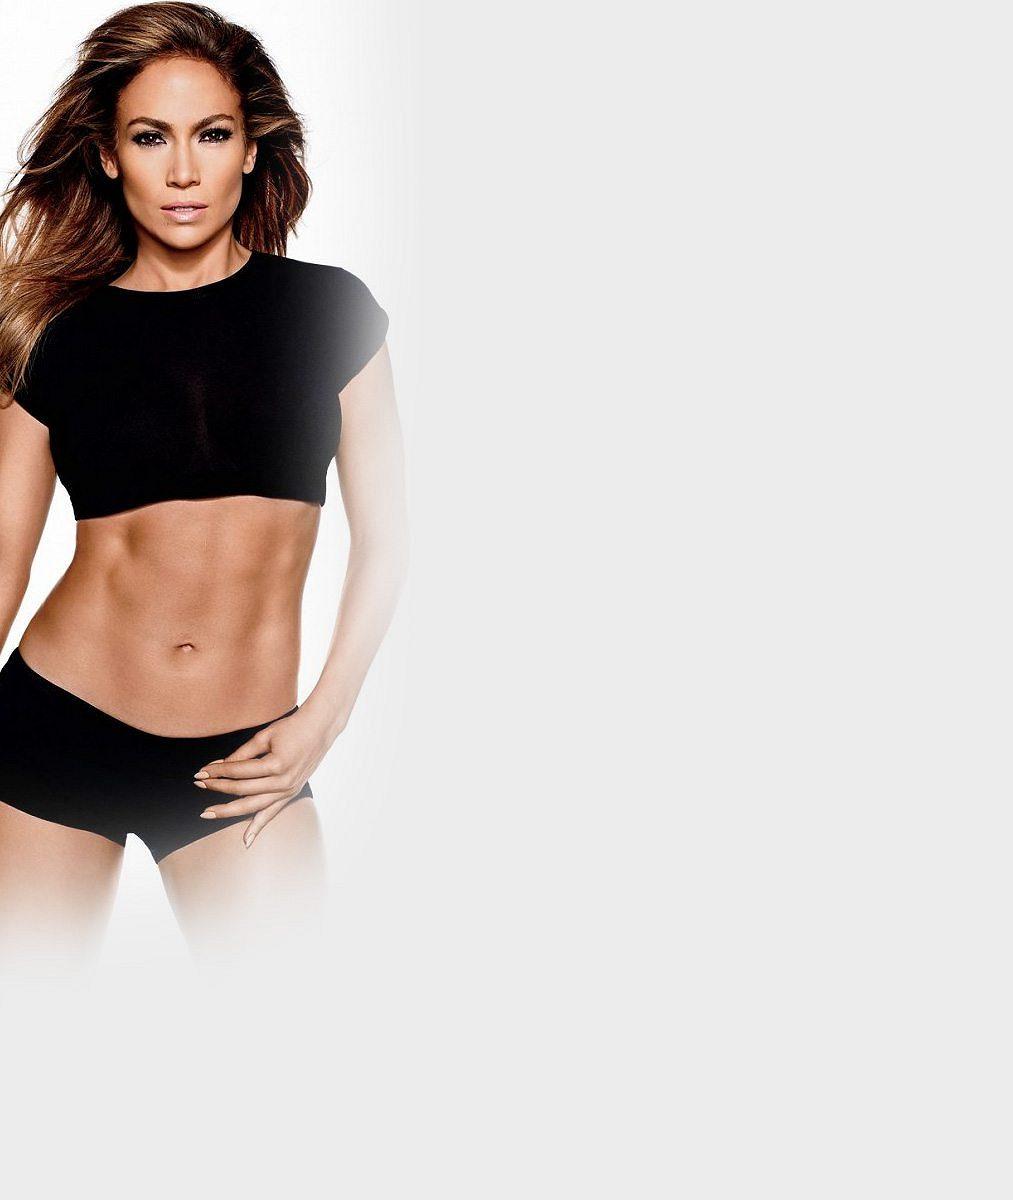 Jennifer Lopez ukázala super pevné bříško: Takhle dokonale vypadá dvojnásobná máma ve 45 letech